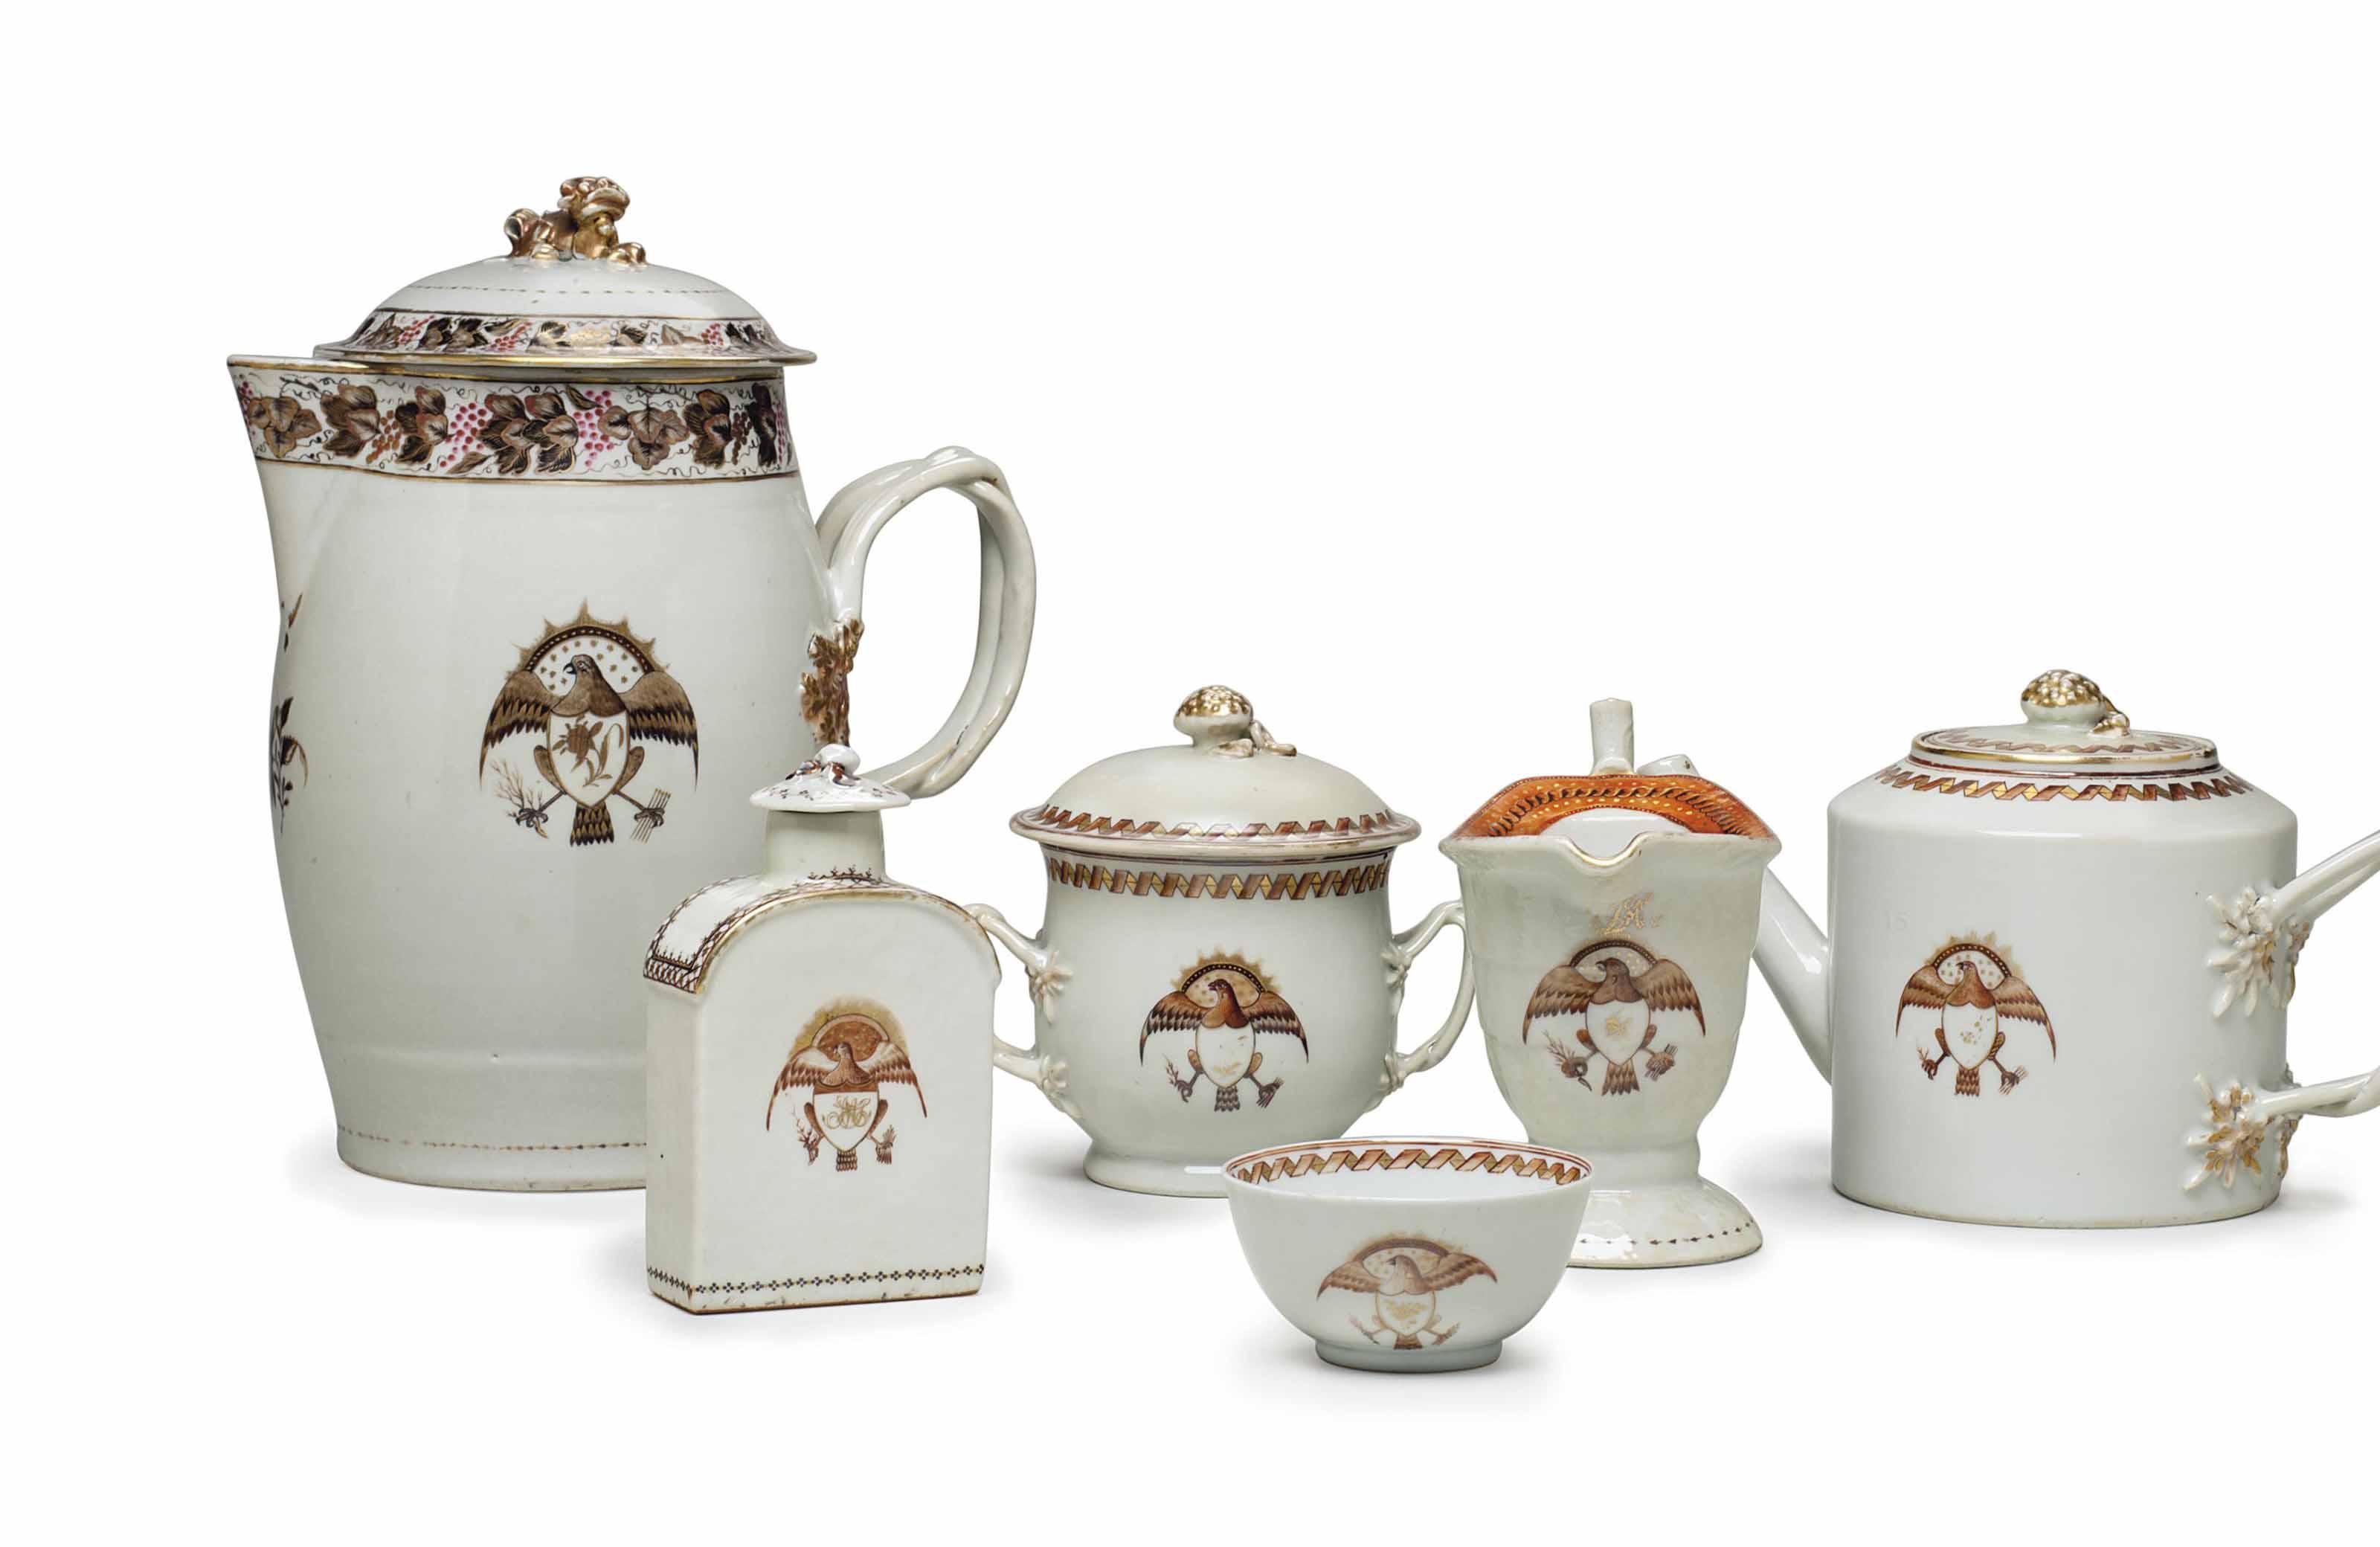 A GROUP OF AMERICAN EAGLE TEA